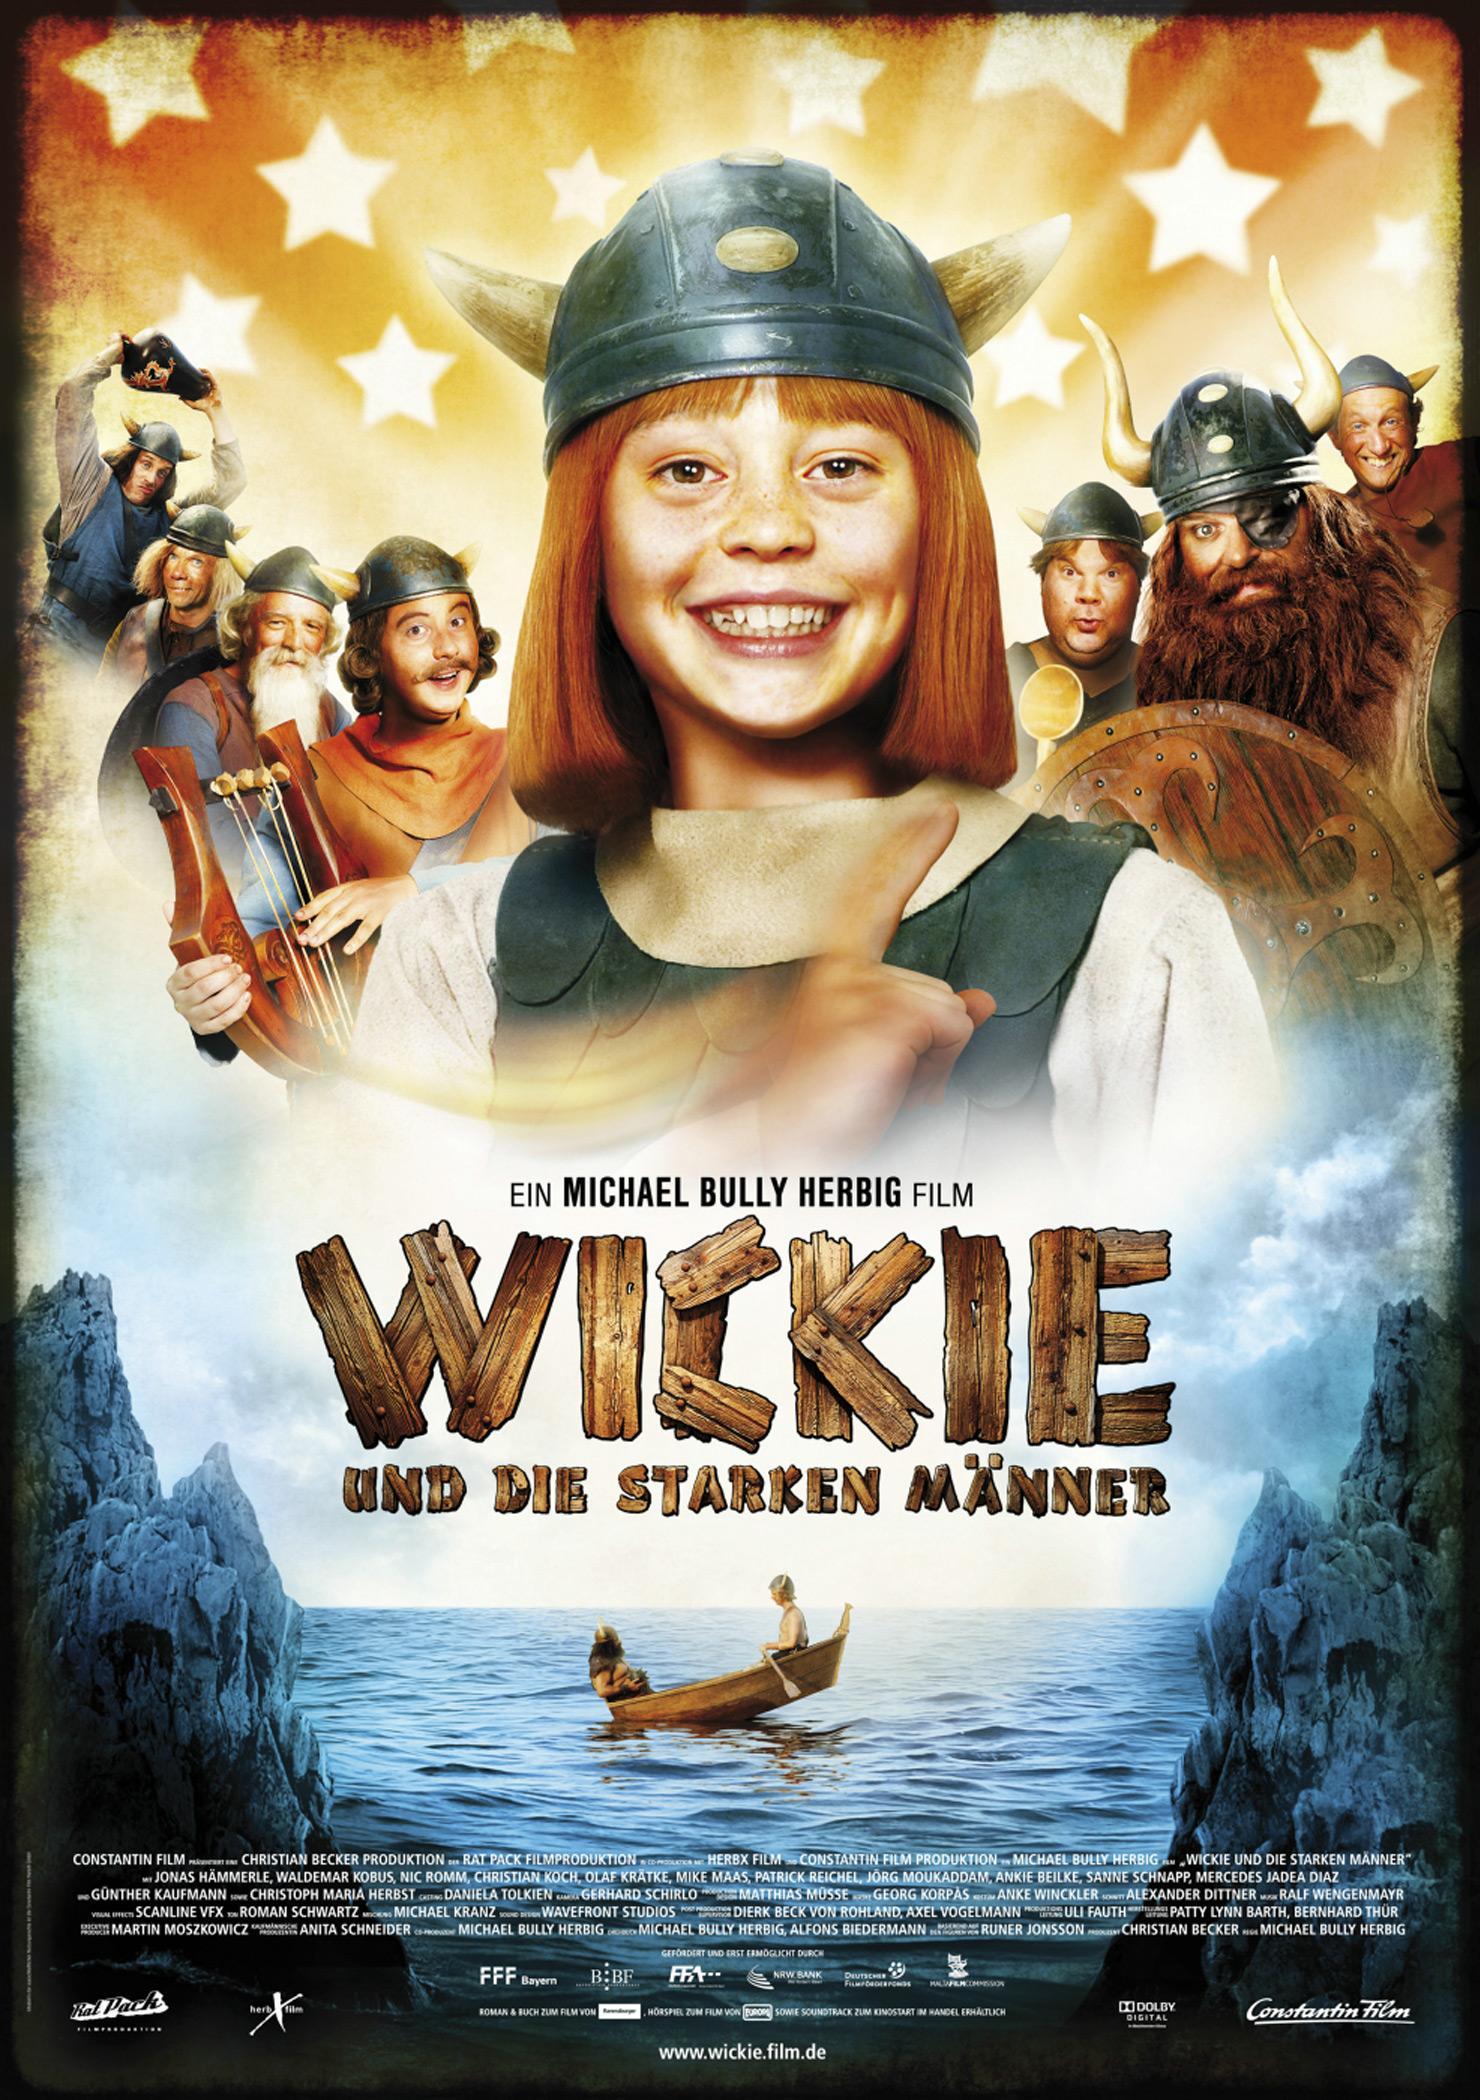 Wickie und die starken Männer (Poster)